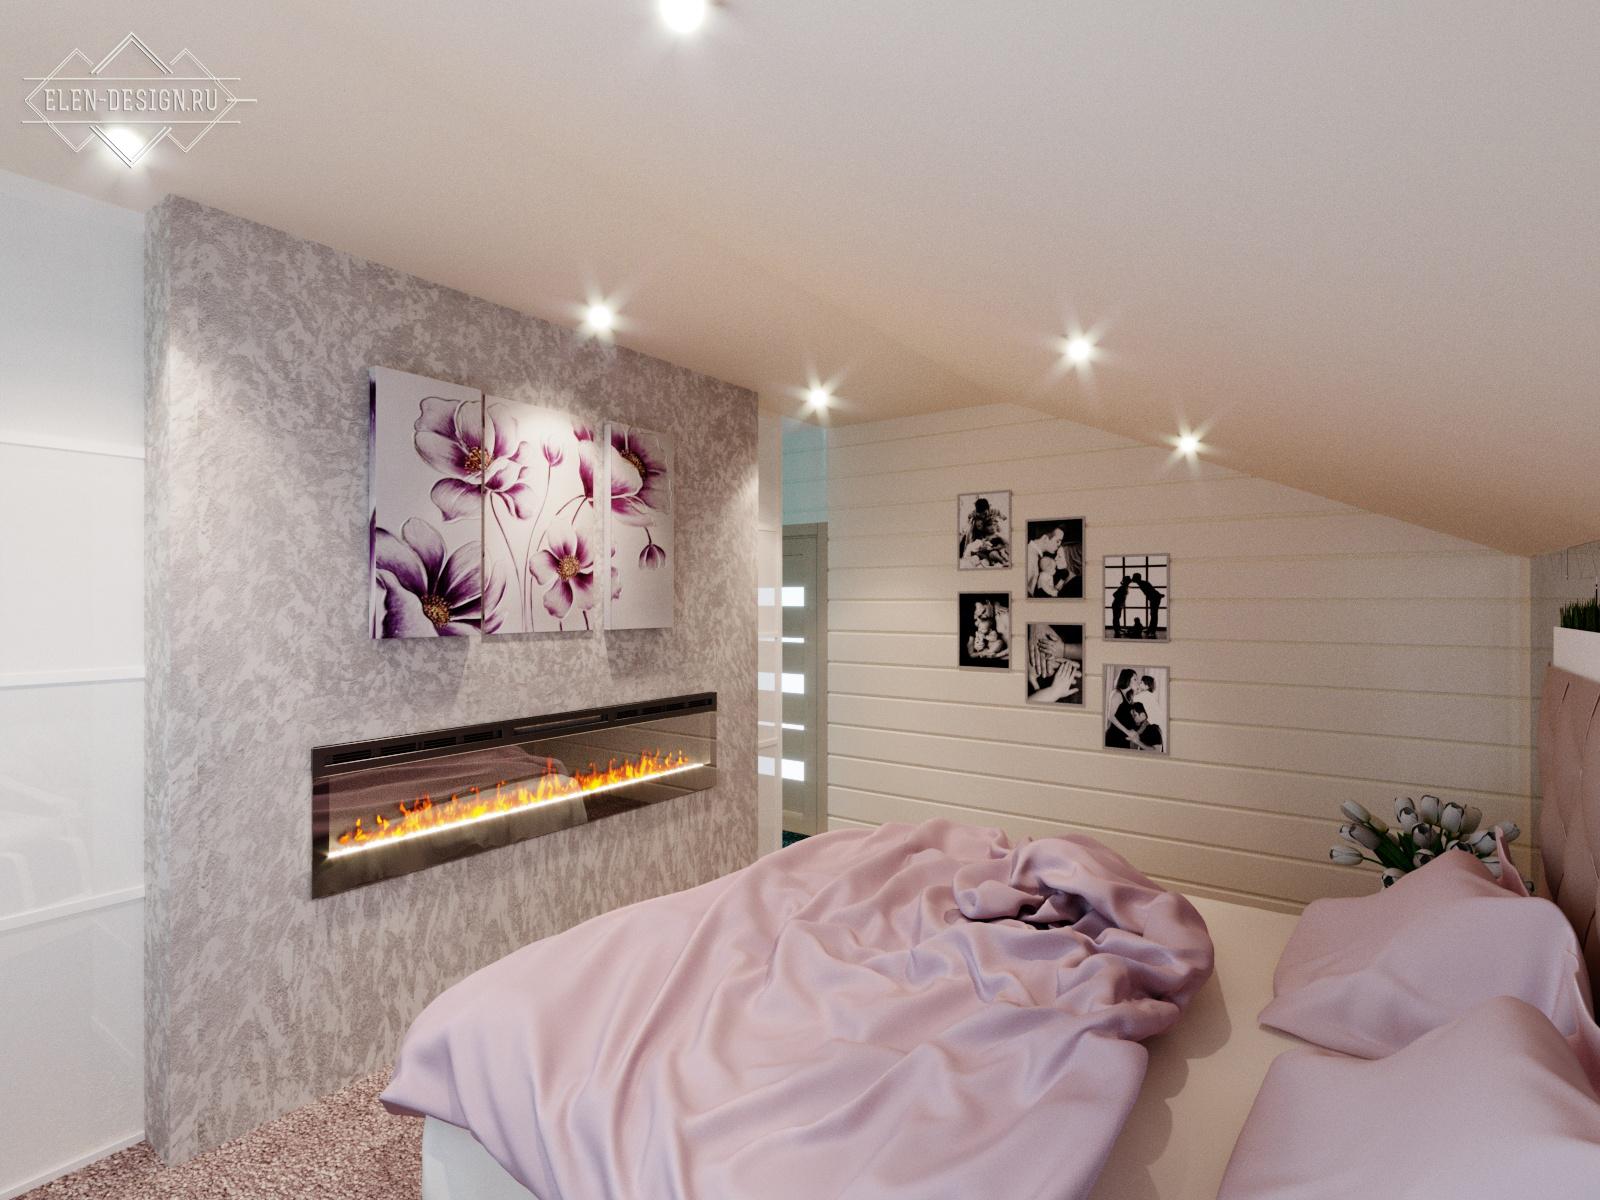 камин в спальне. Дизайн-проект Елены Андреевой